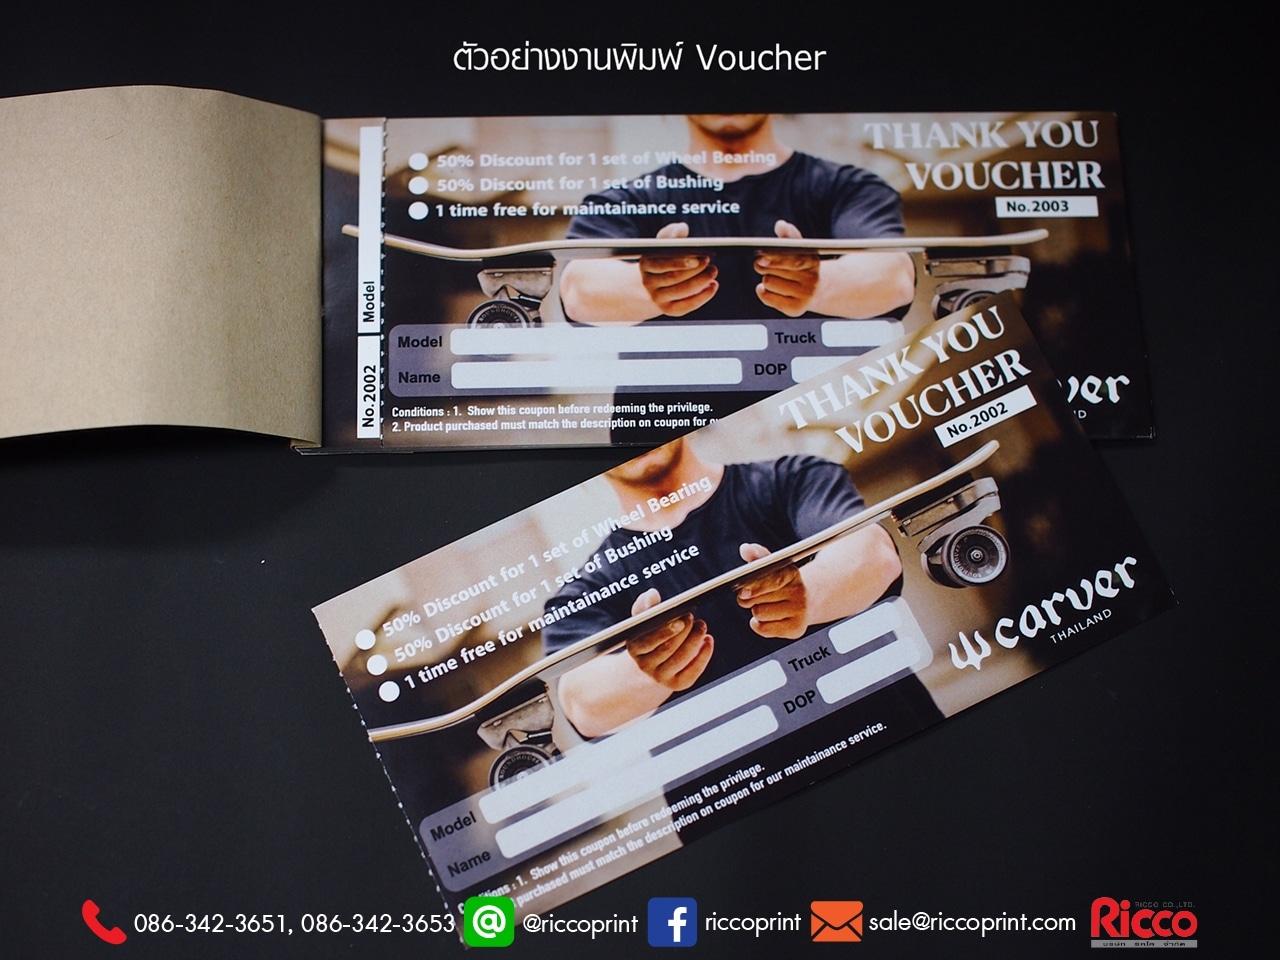 รูป Coupon Gift Voucher 2020 WcarverThailand3 - ประกอบเนื้อหา คูปอง บัตรกำนัล ตั๋ว